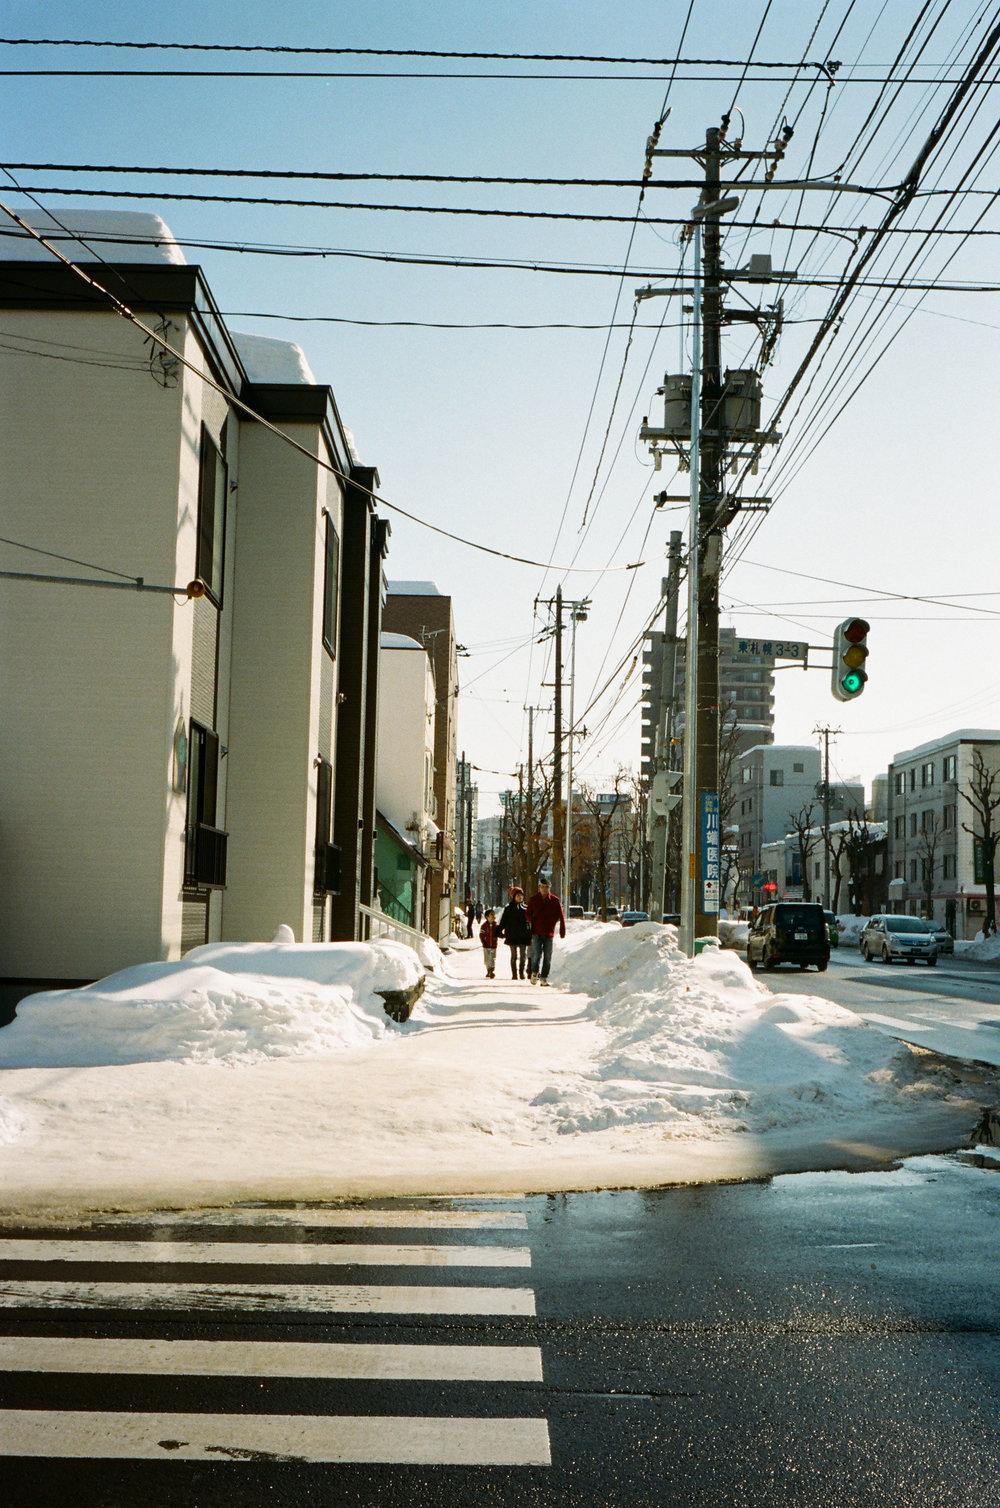 13-JAPON-numerique-Sapporo-fevrier-2017-0009.jpg